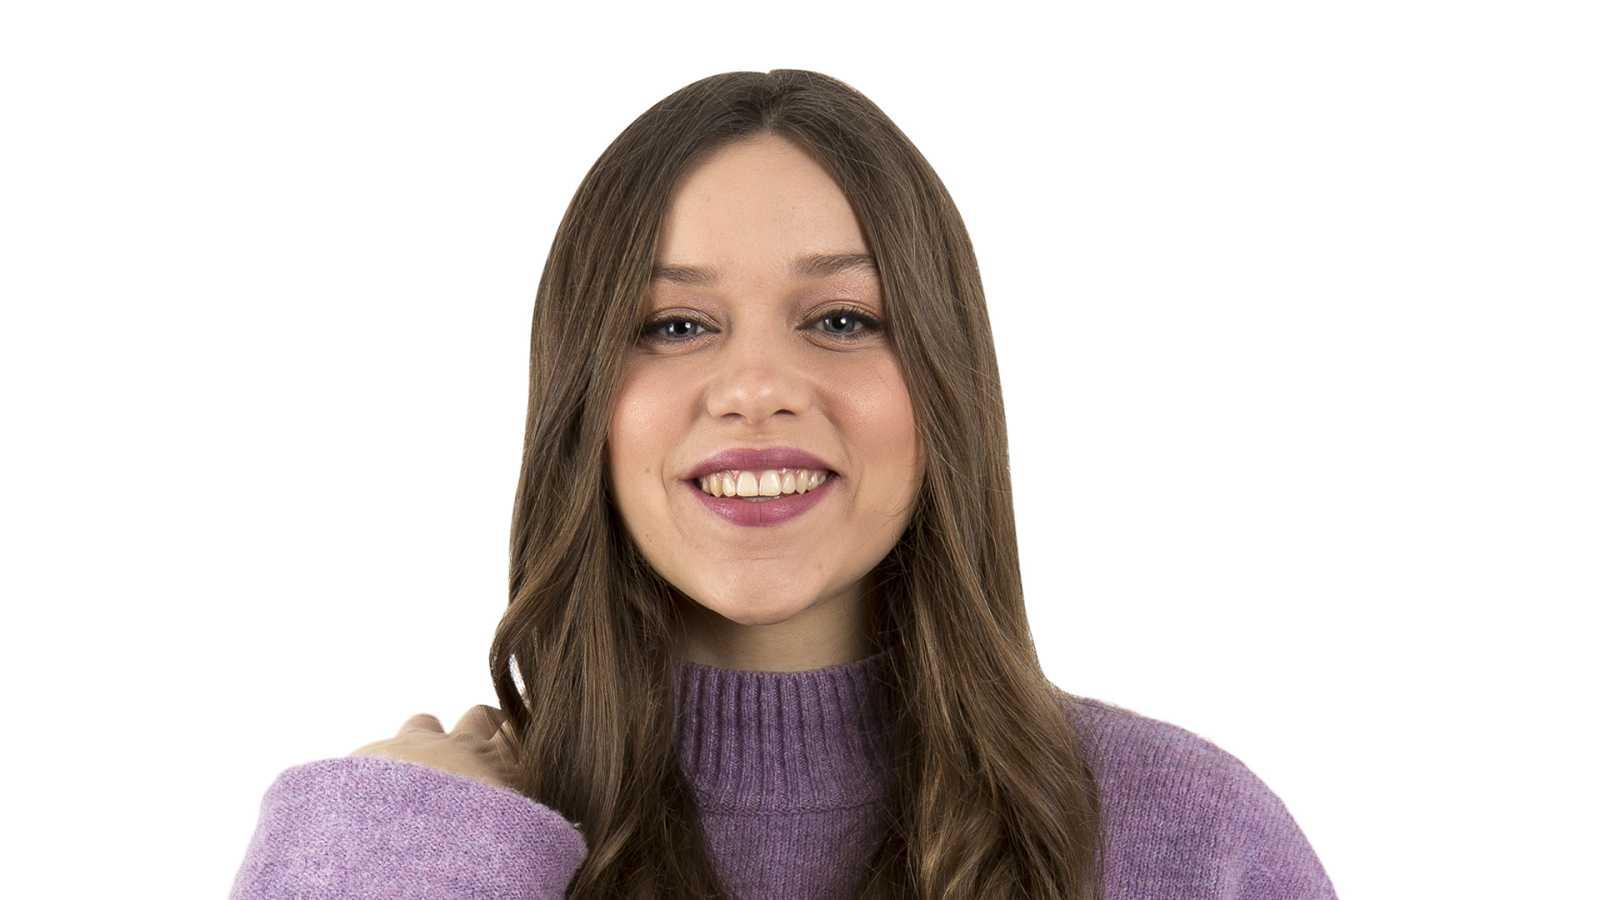 Quién es Eva, concursante de Operación Triunfo 2020